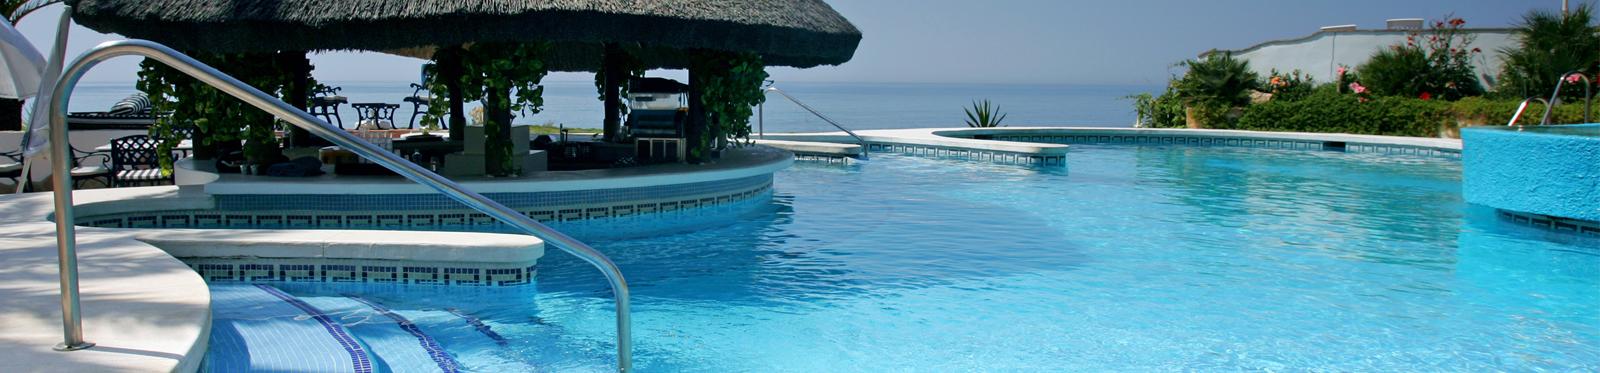 swimming pool in the sun